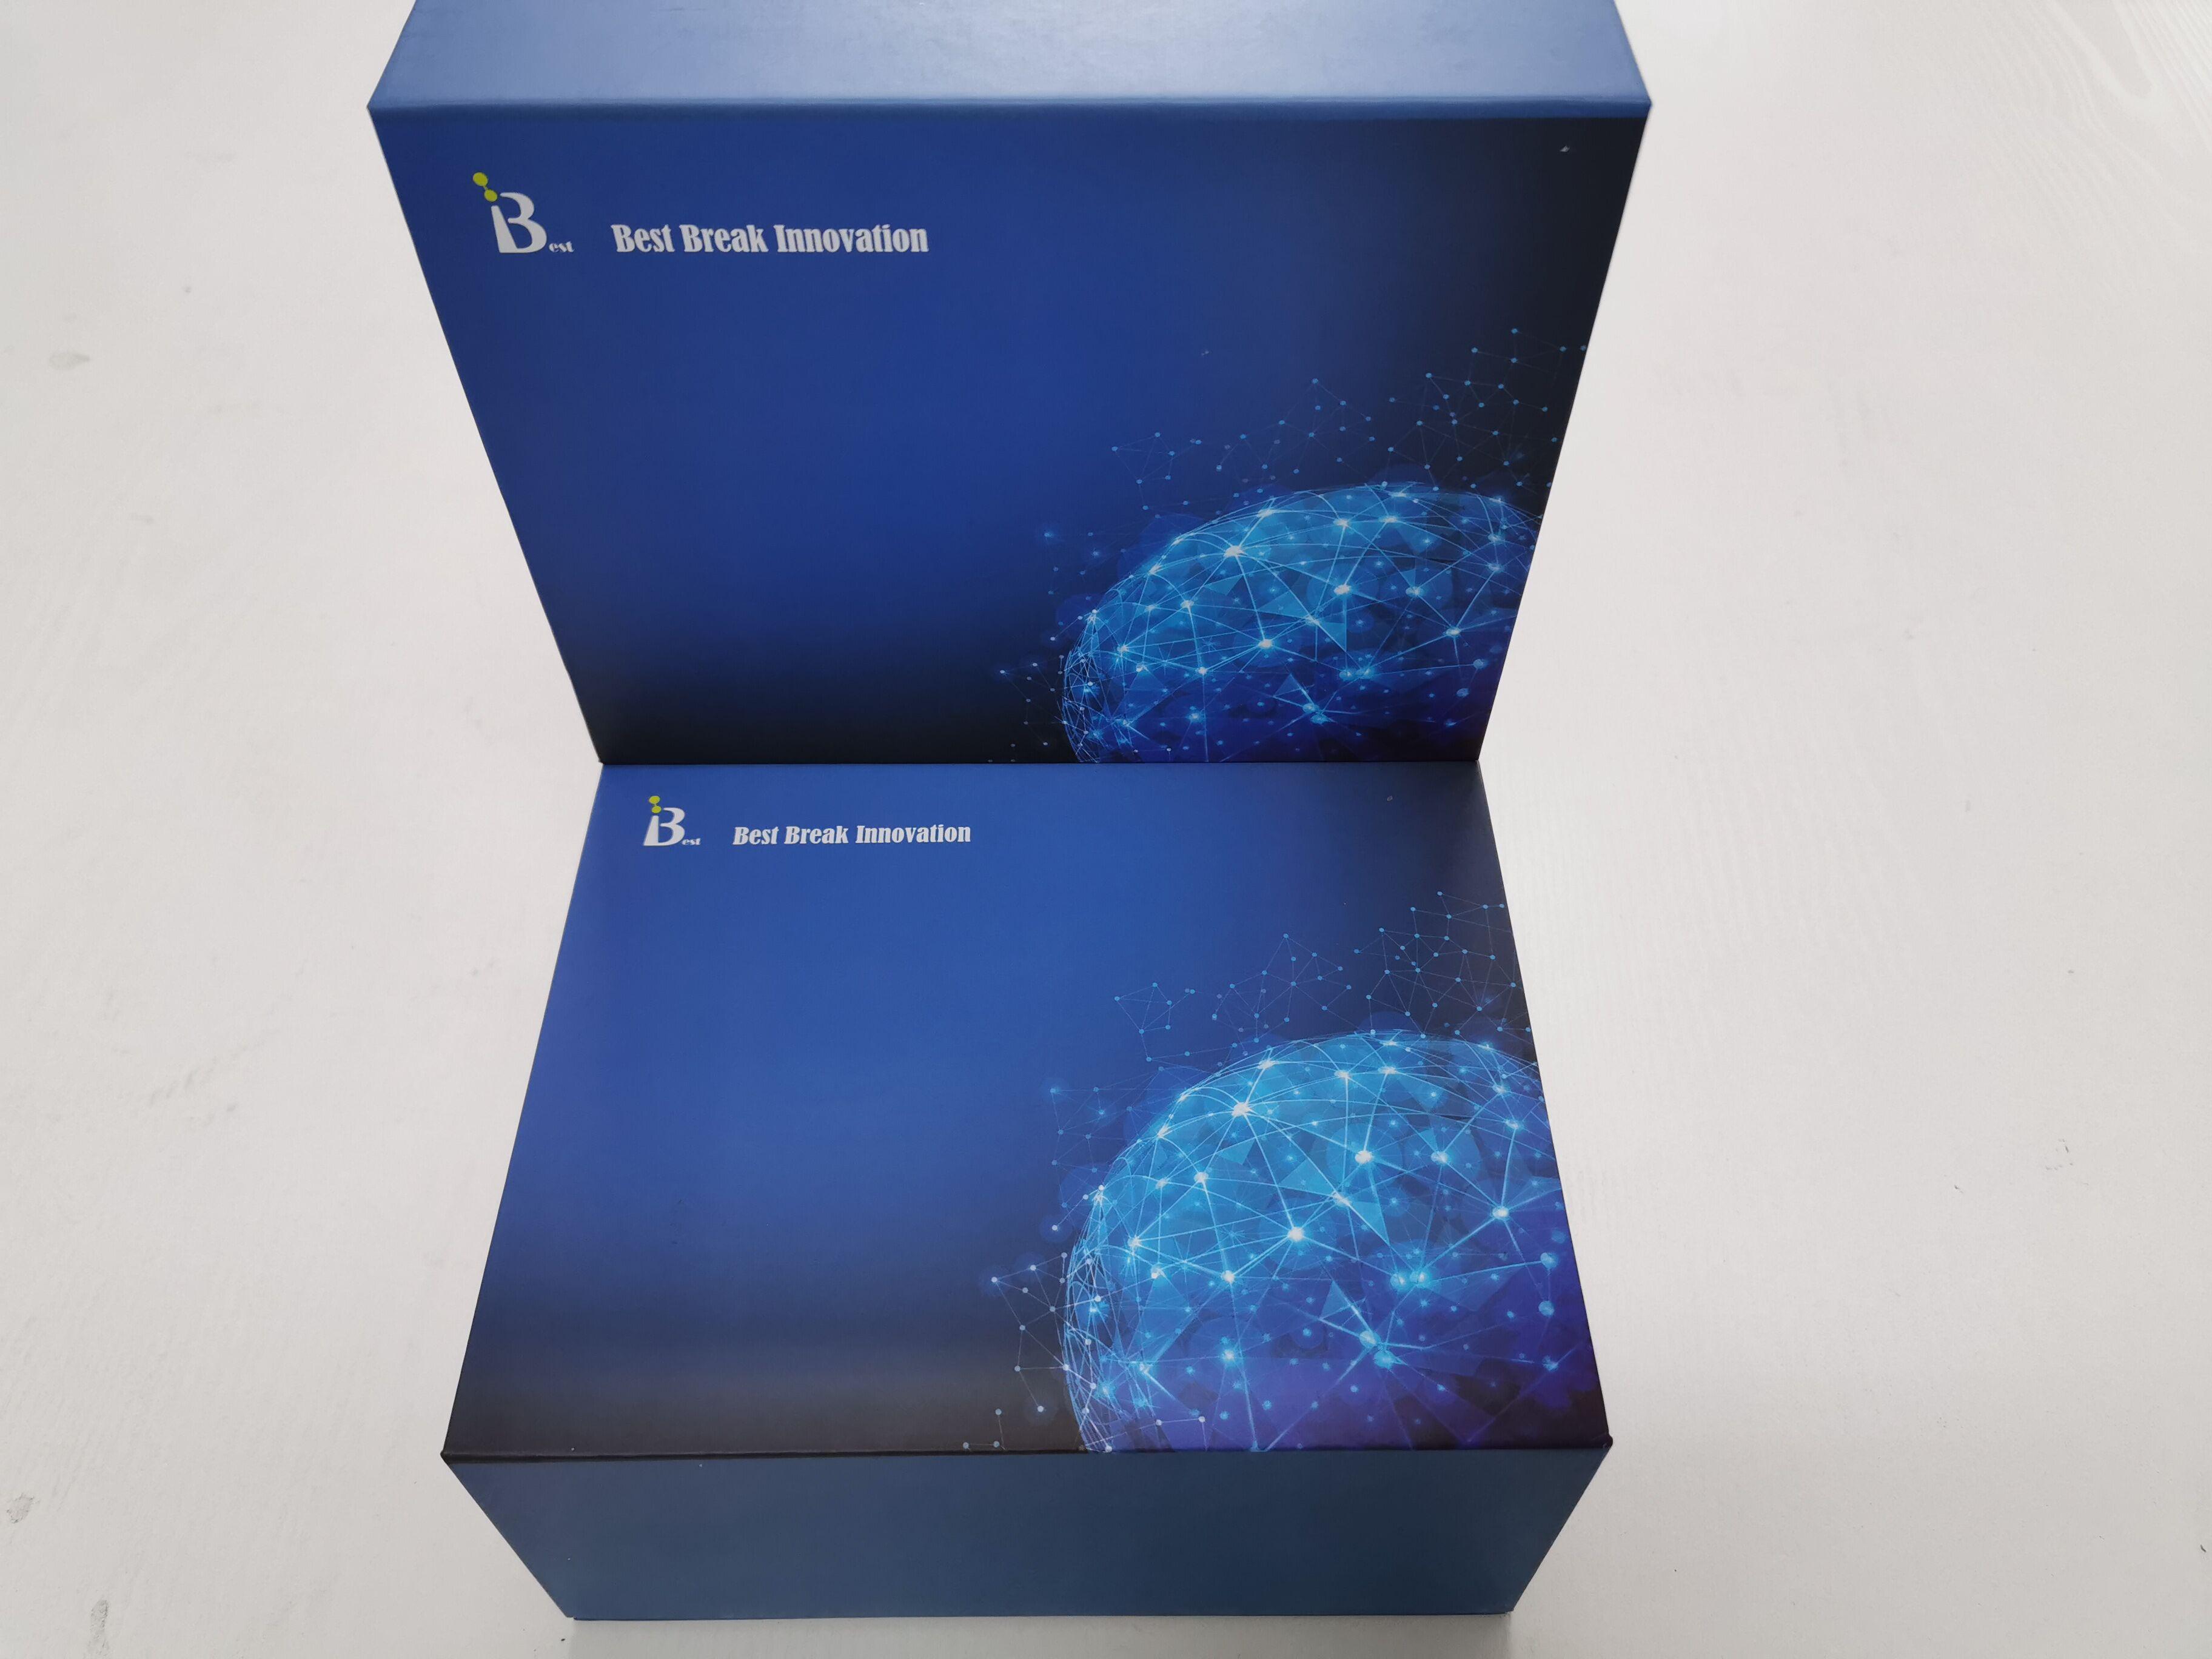 大鼠碱性成纤维细胞生长因子4酶联免疫试剂盒